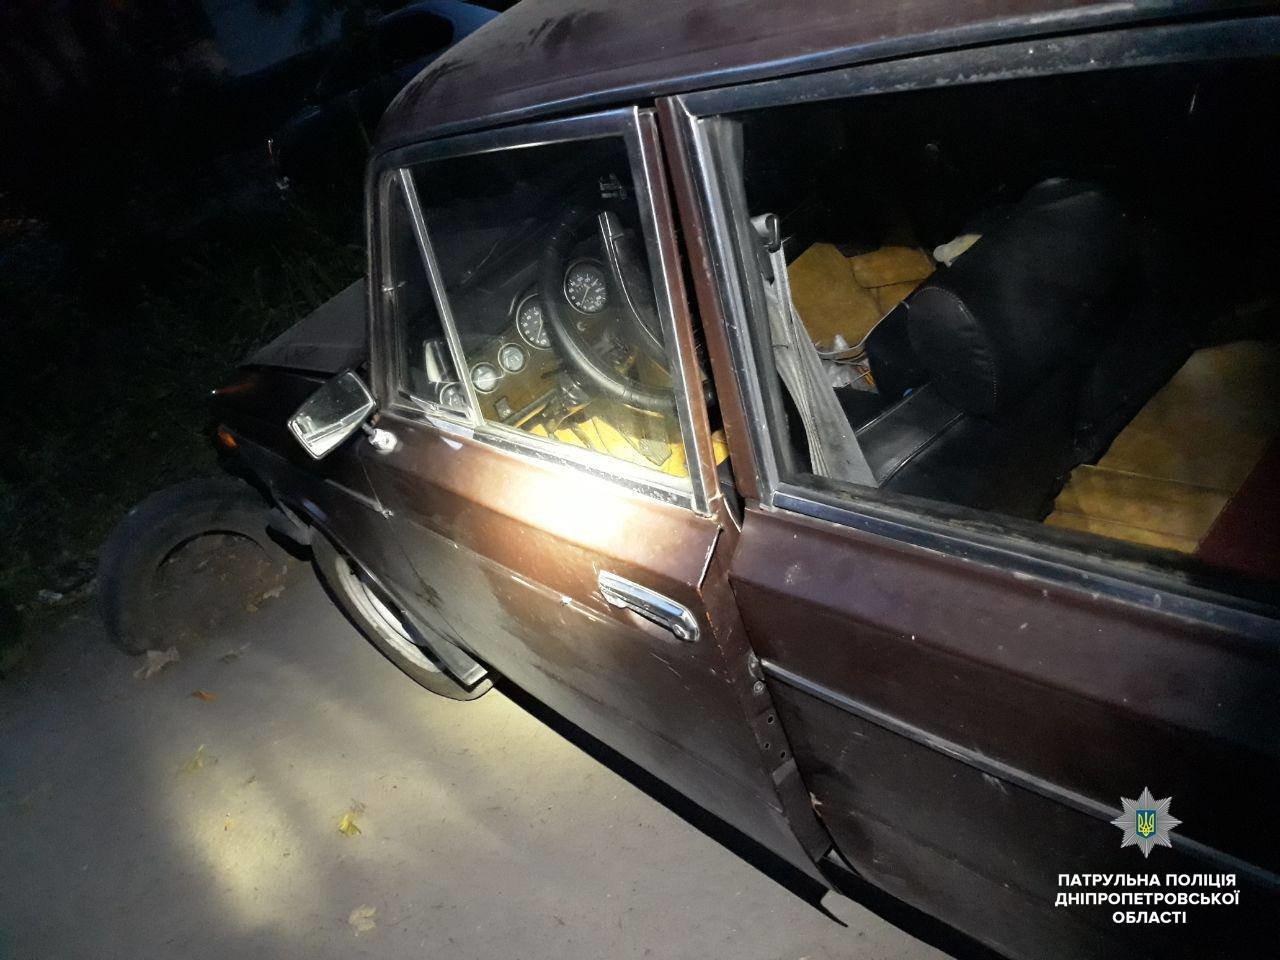 В Днепре задержали автомобильных воров, - ФОТО, фото-1